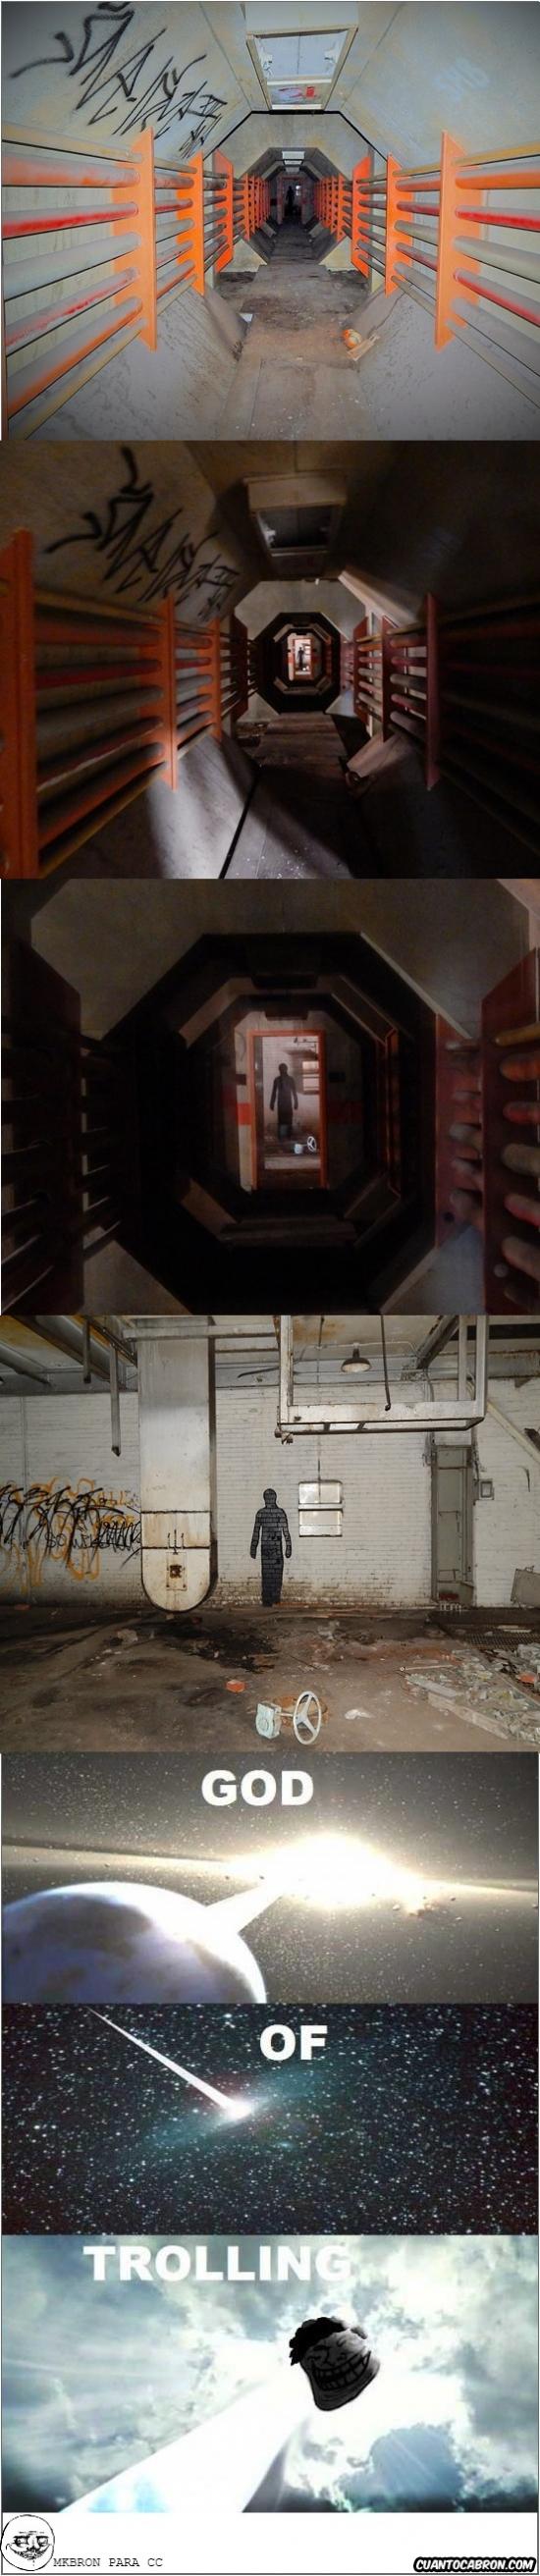 Trollface - Imagina entrar en una fábrica abandonada y encontrarte esto, rozando el infarto por una trolleada